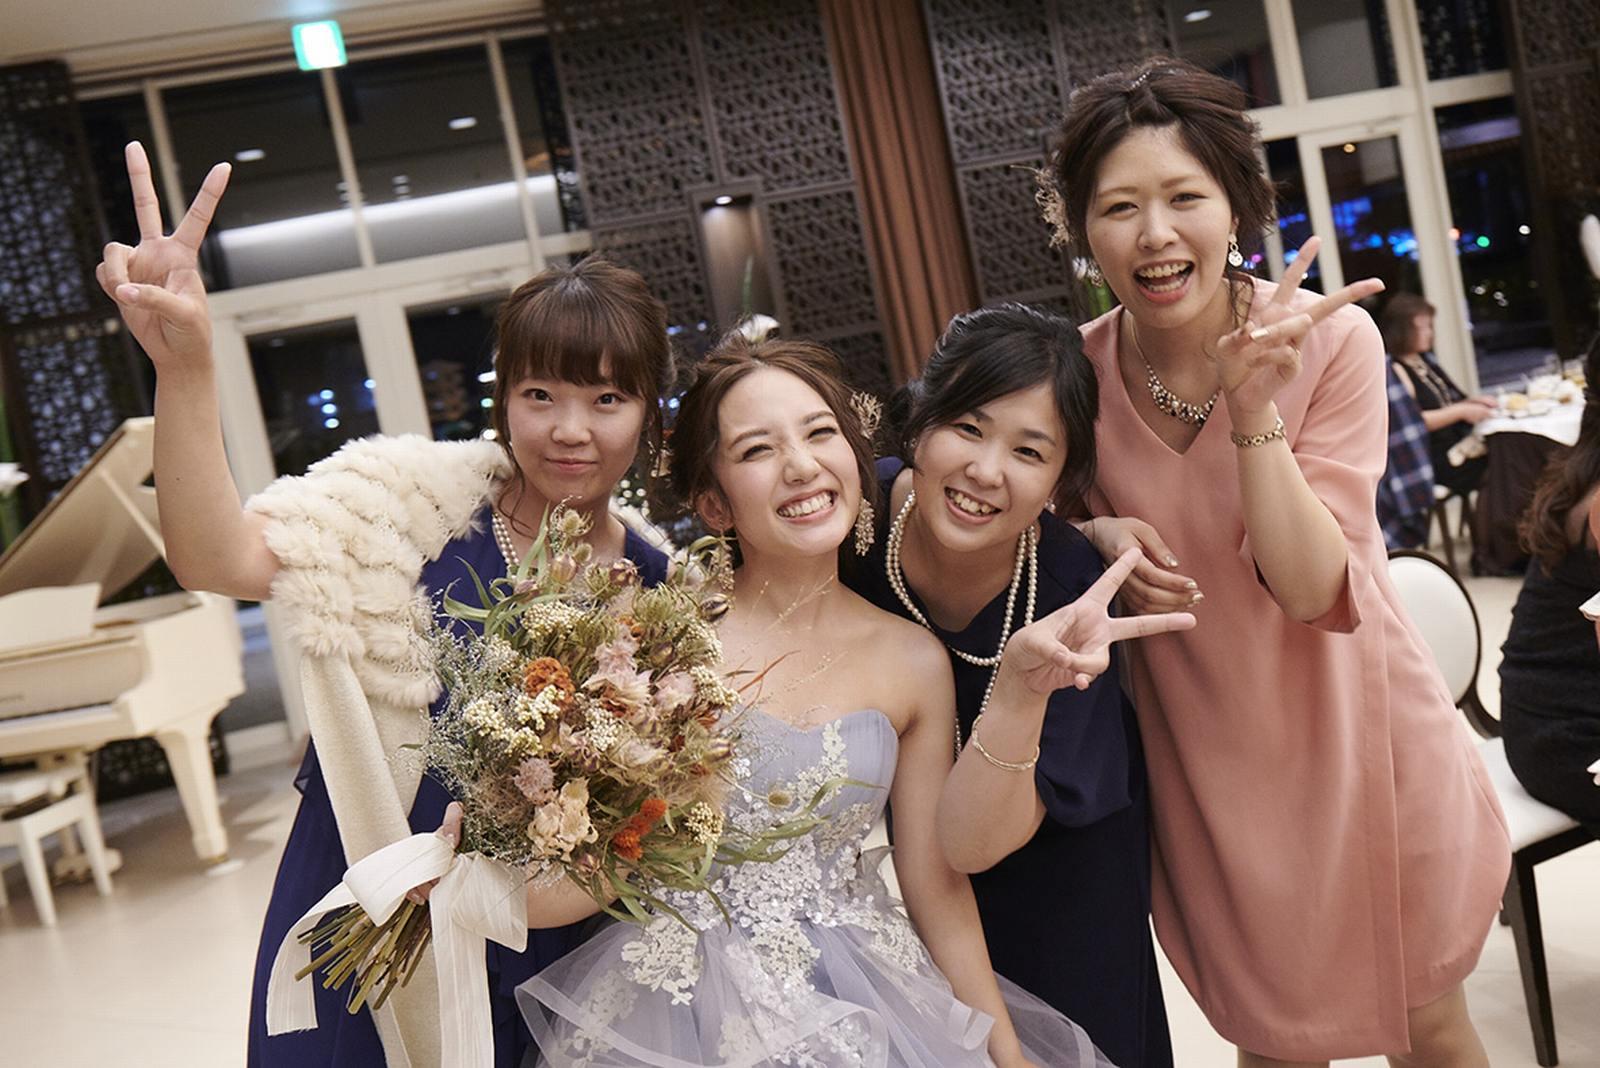 徳島県の結婚式場ブランアンジュで友人と記念撮影をする笑顔の新婦